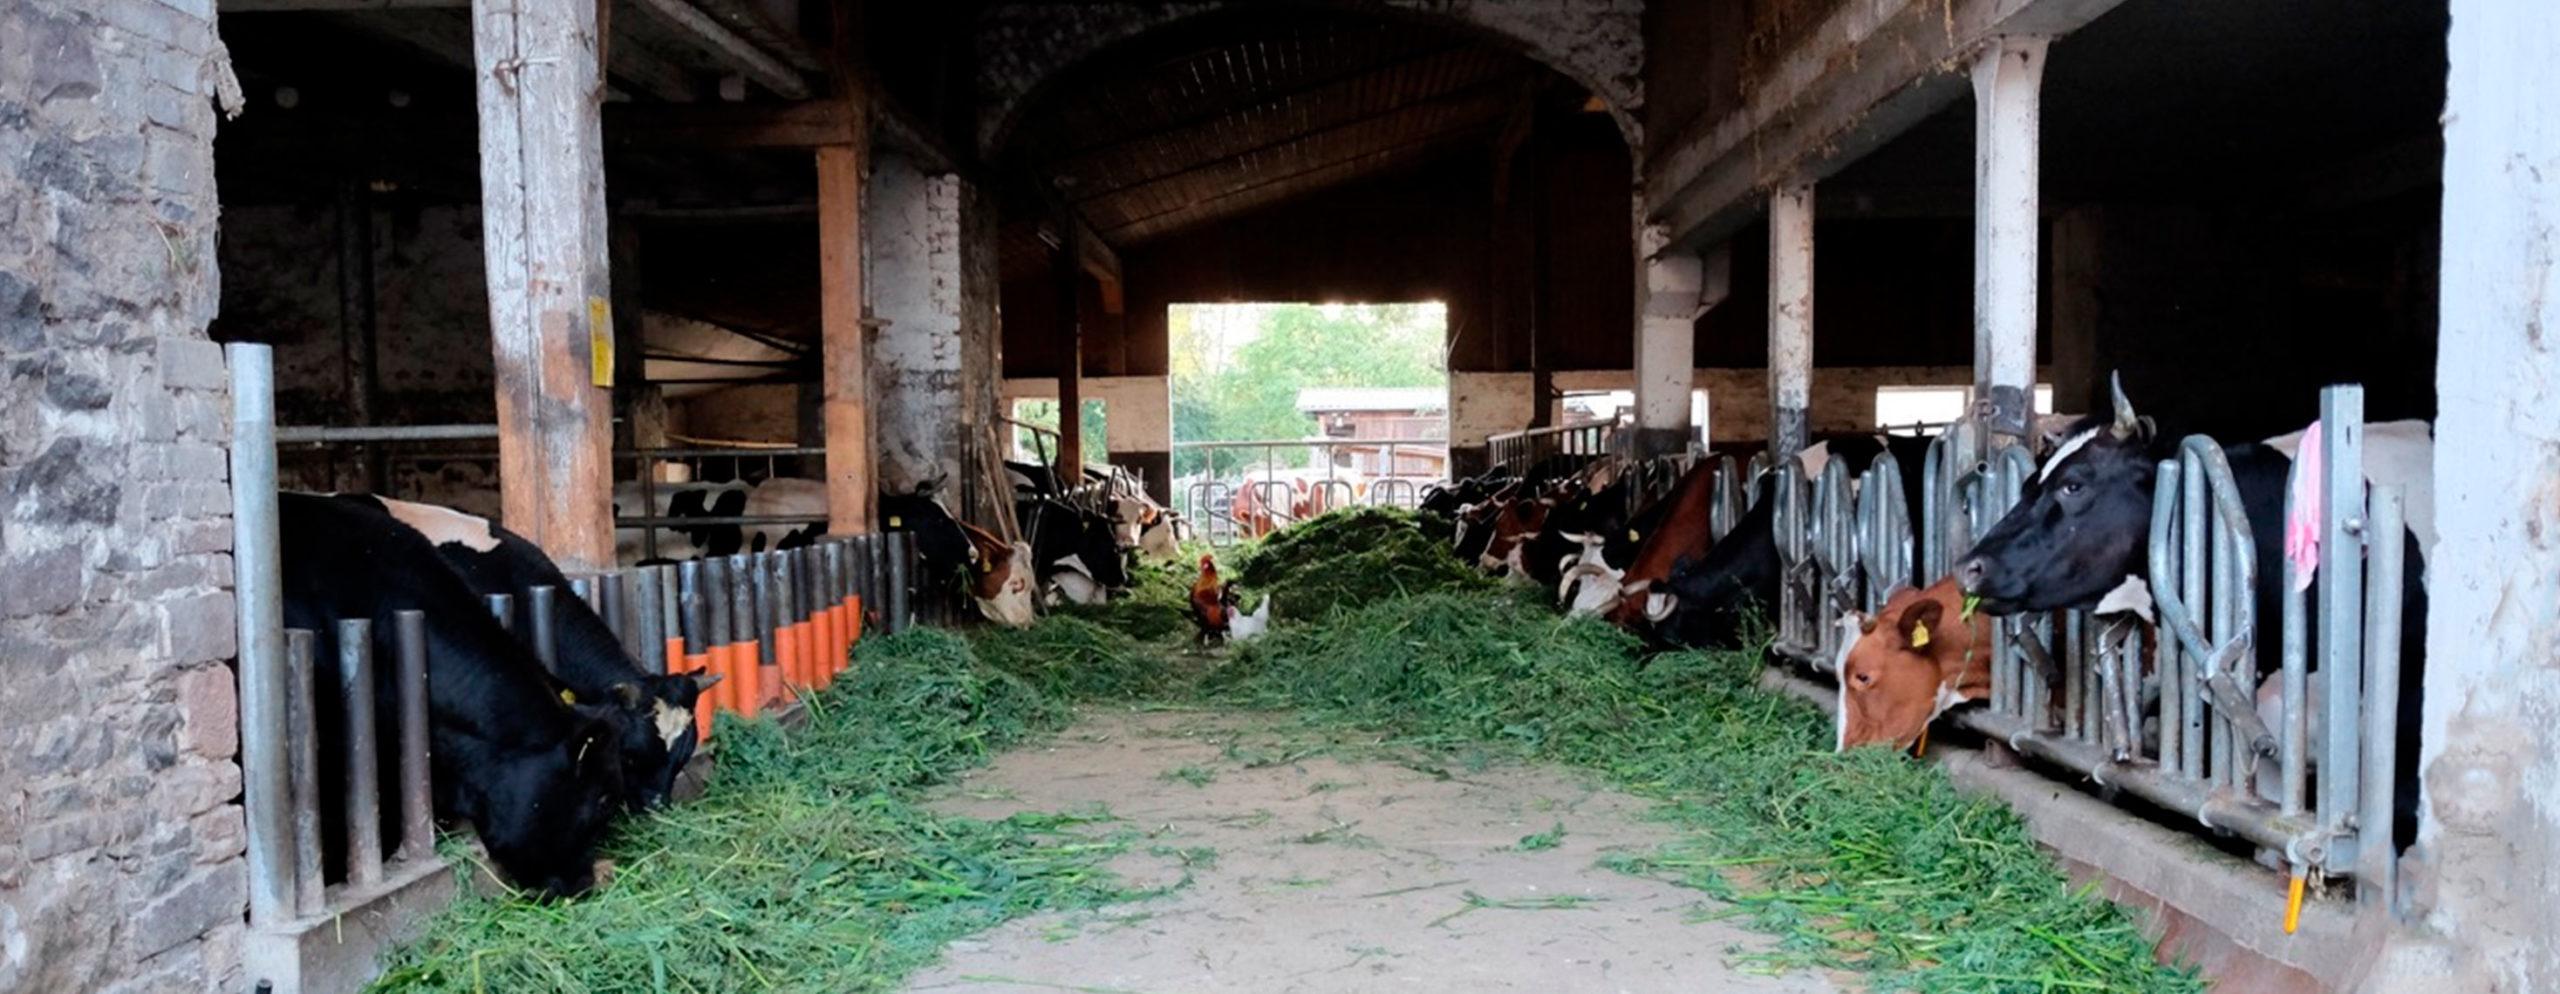 Biobauernhof - Blick in den Stall